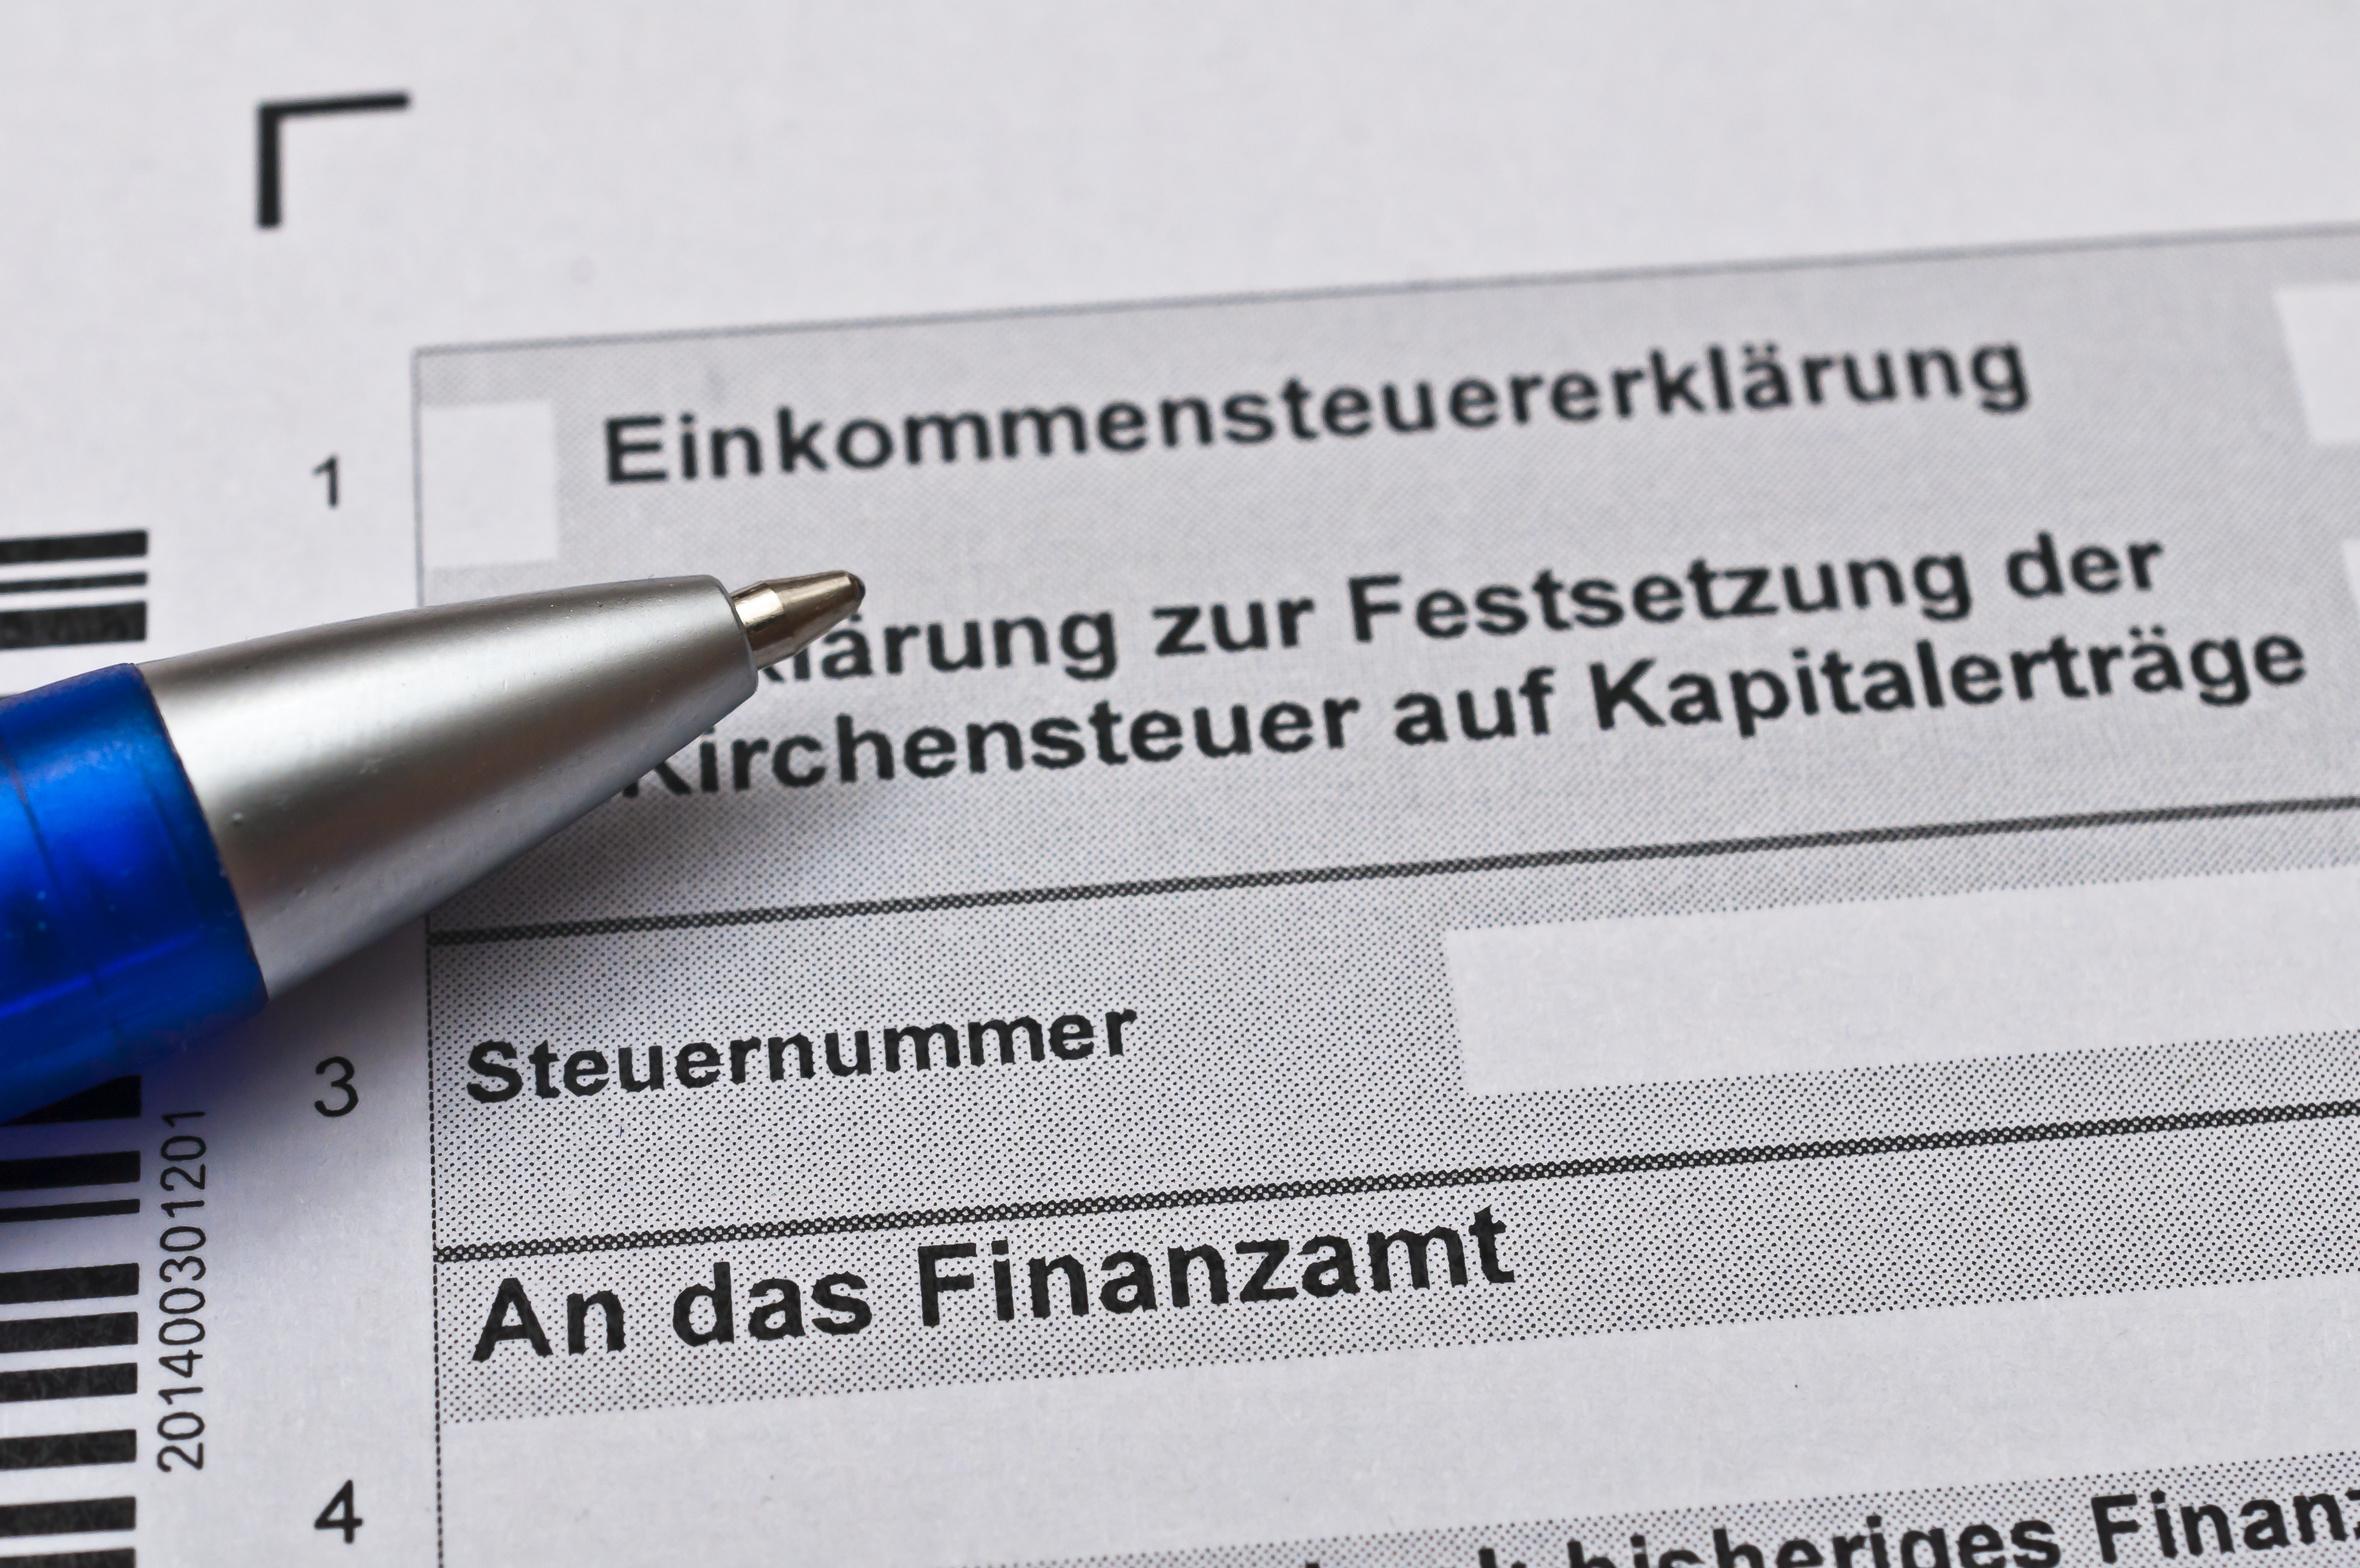 Finanzamt Steuererklrung ausfllen